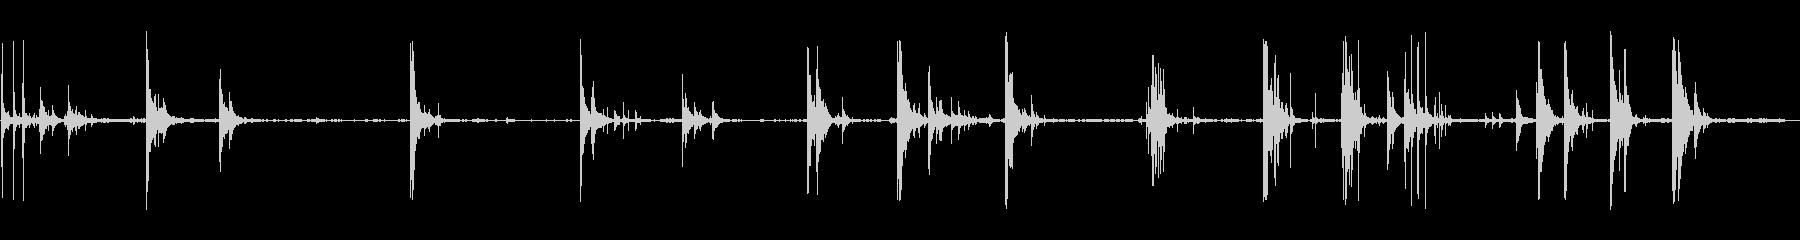 メタルボウルウッドドロップの未再生の波形